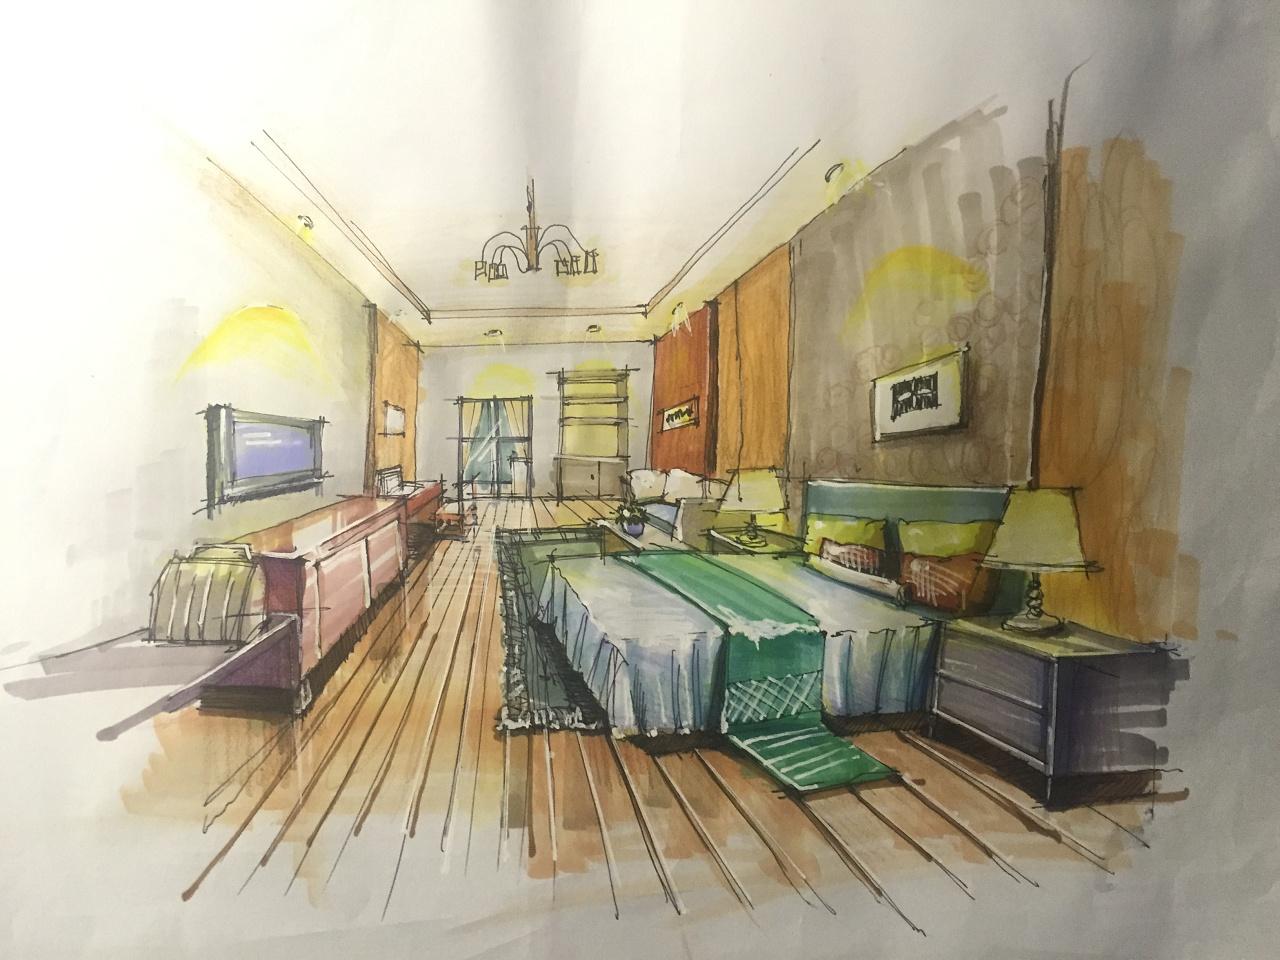 大二手绘效果图|空间|室内设计|tjtj03 - 原创作品